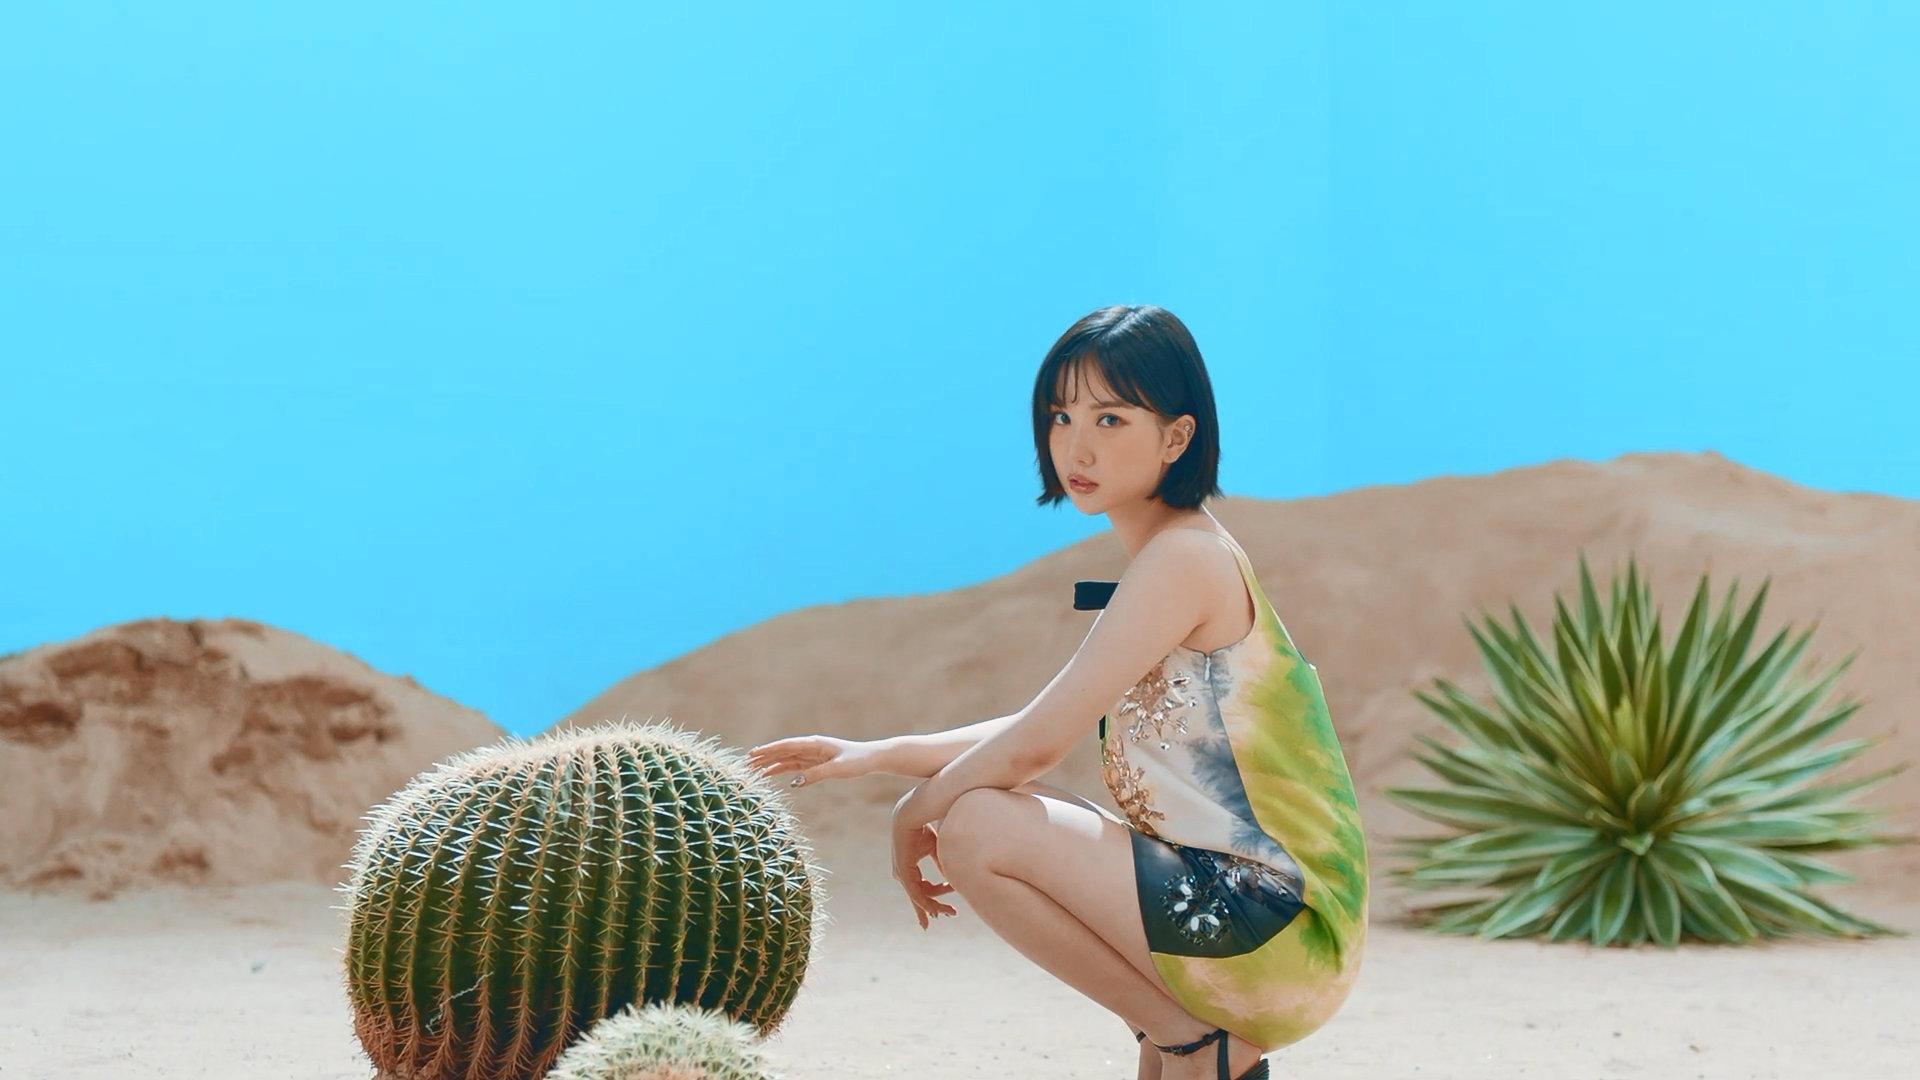 GFRIEND Eunha Fever Teaser